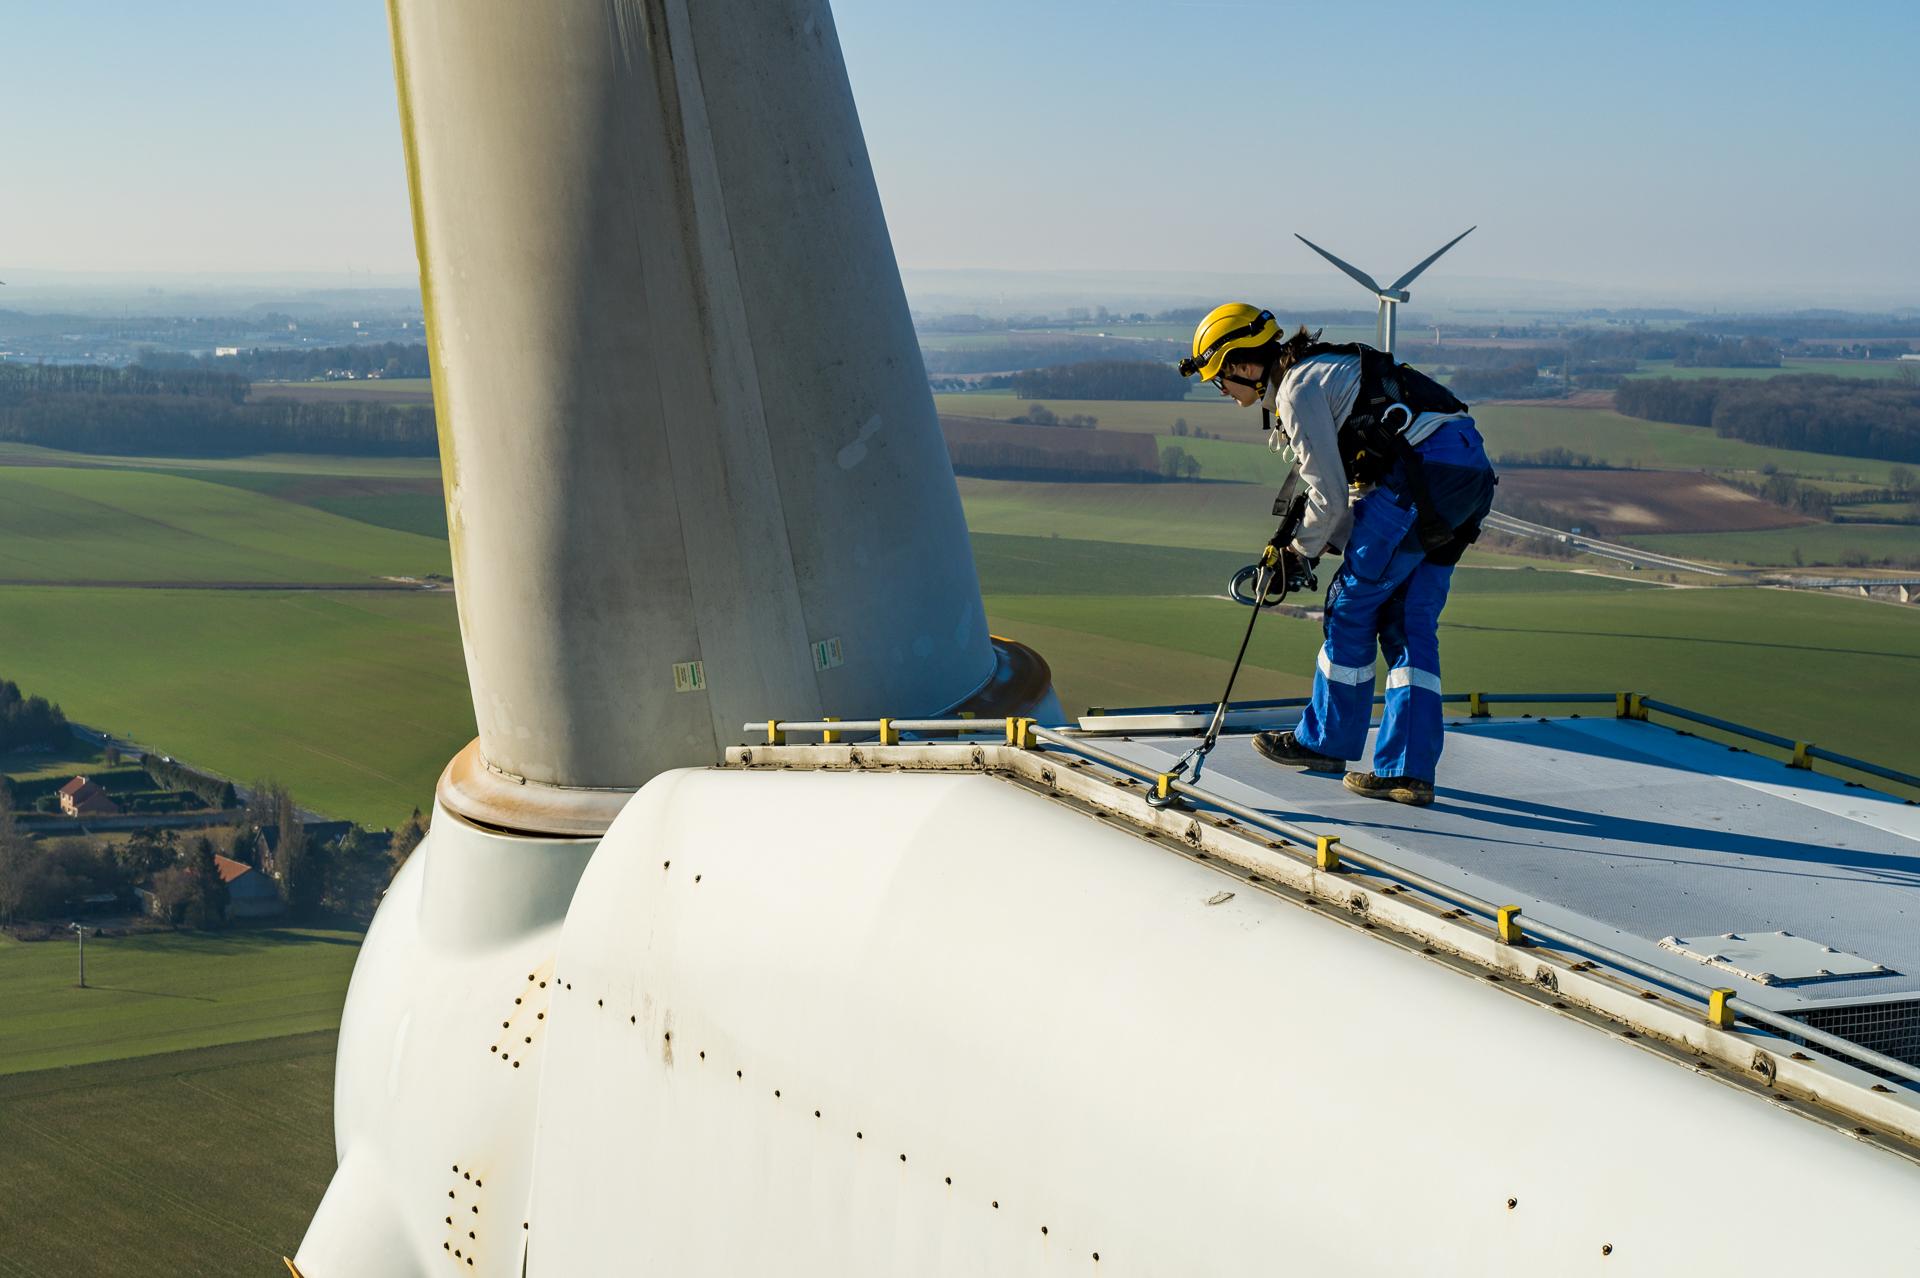 Kallista_Energy_Picardie_Omissy-0751©Stephane_Leroy.jpg